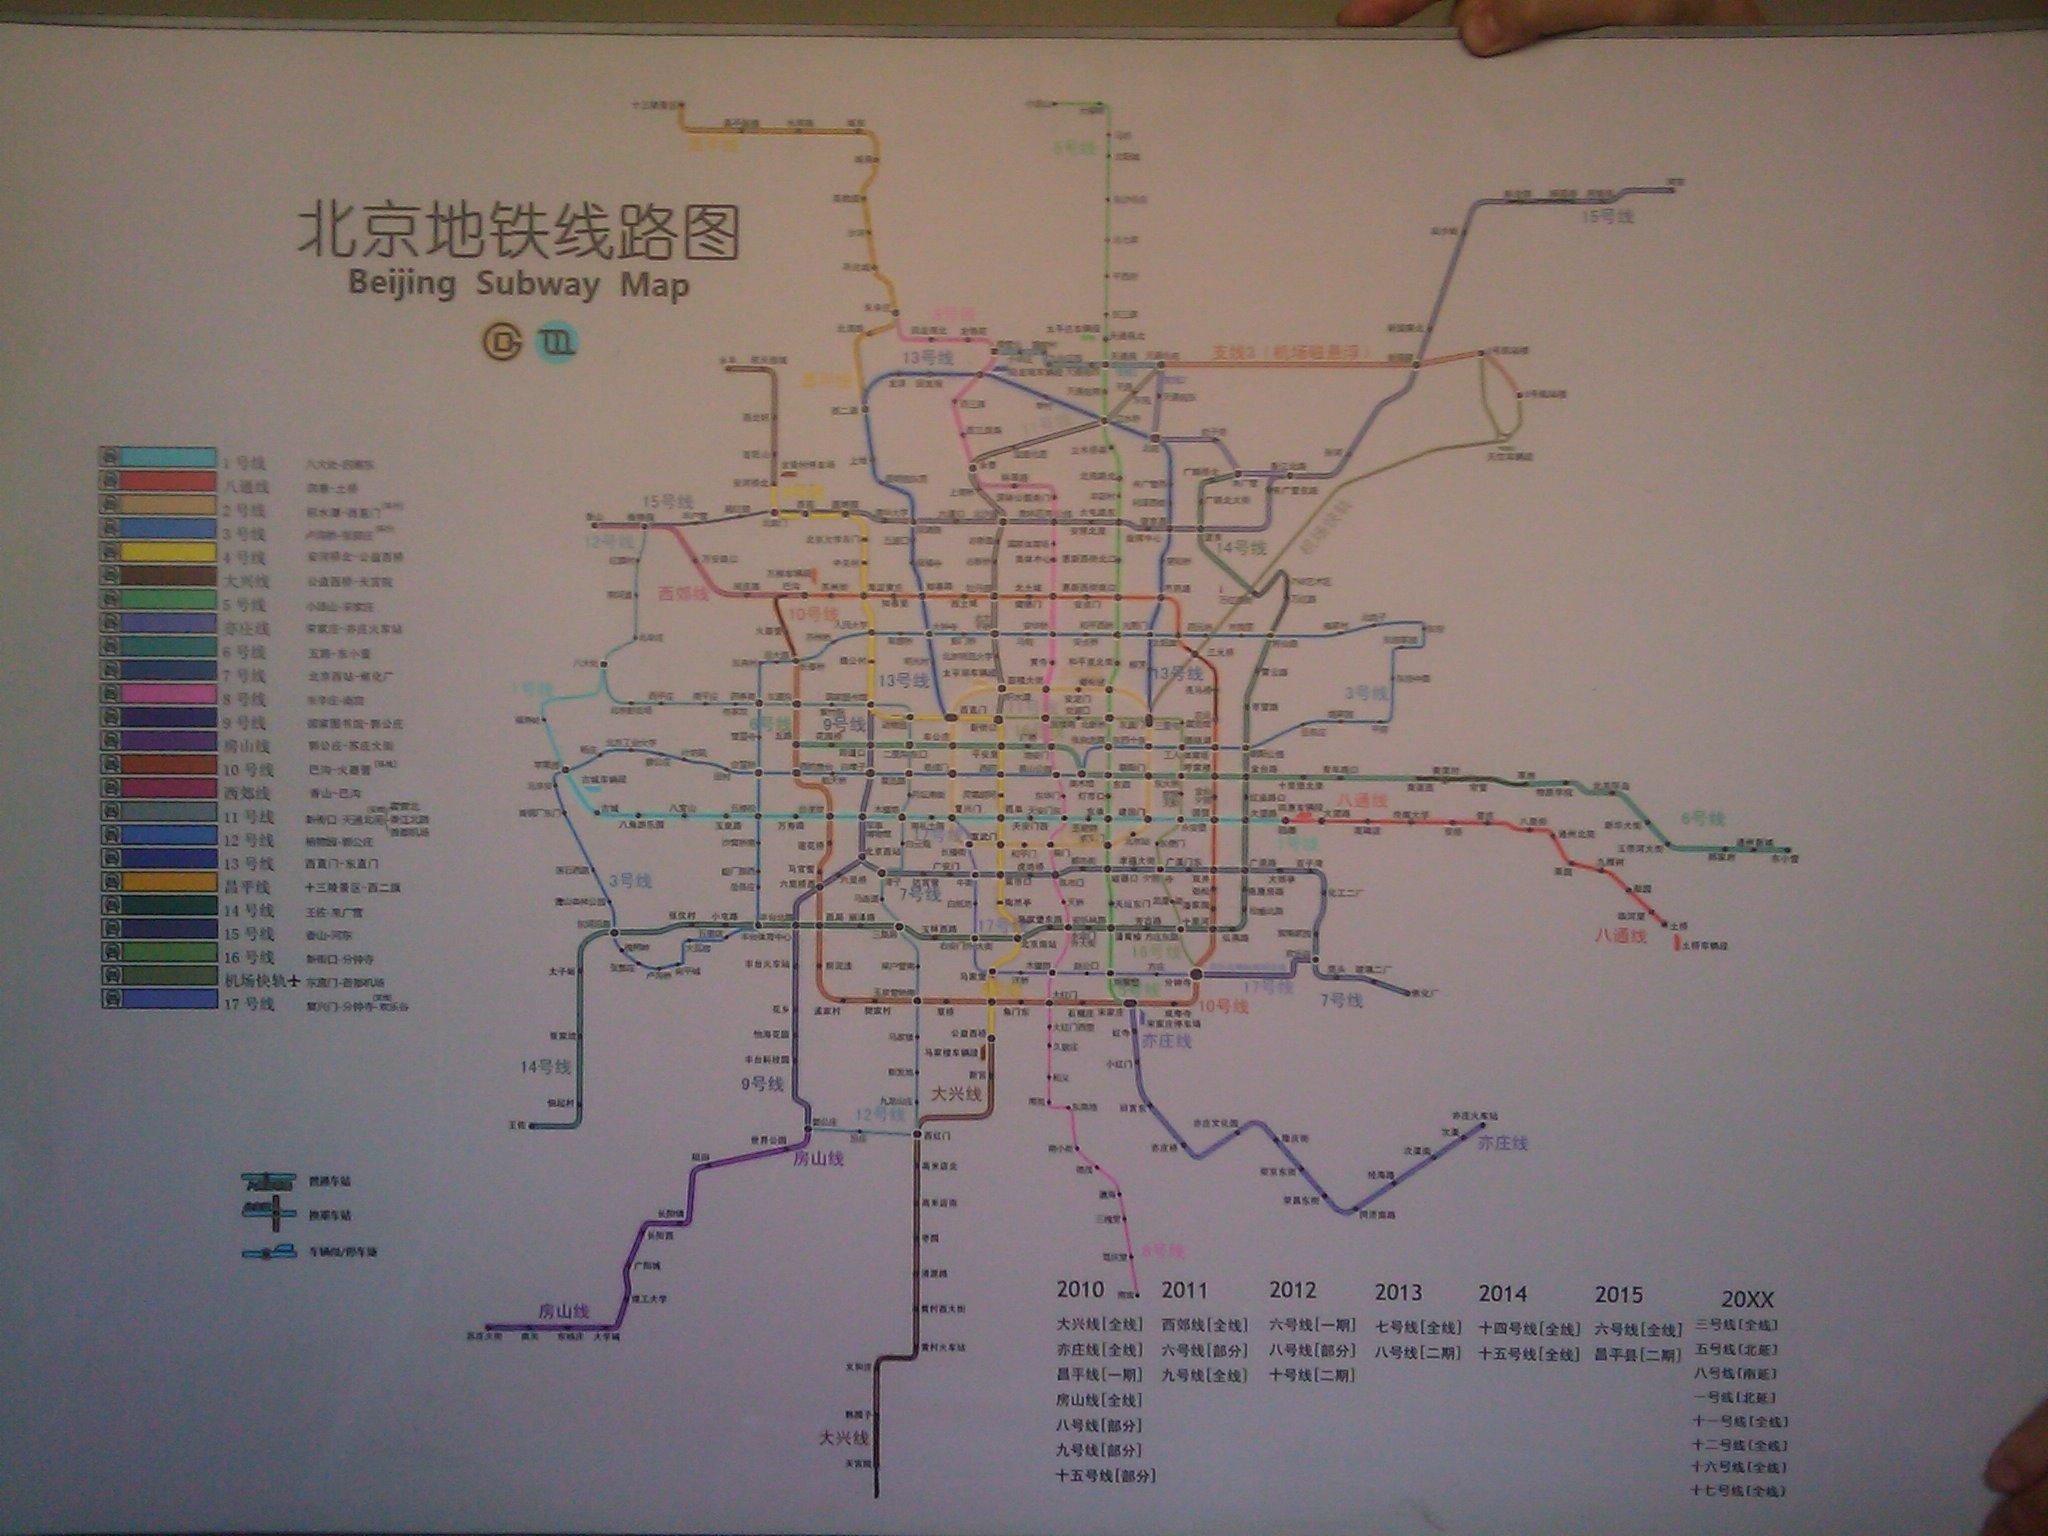 昨天拍摄的《北京地铁最新规划图及通车计划》